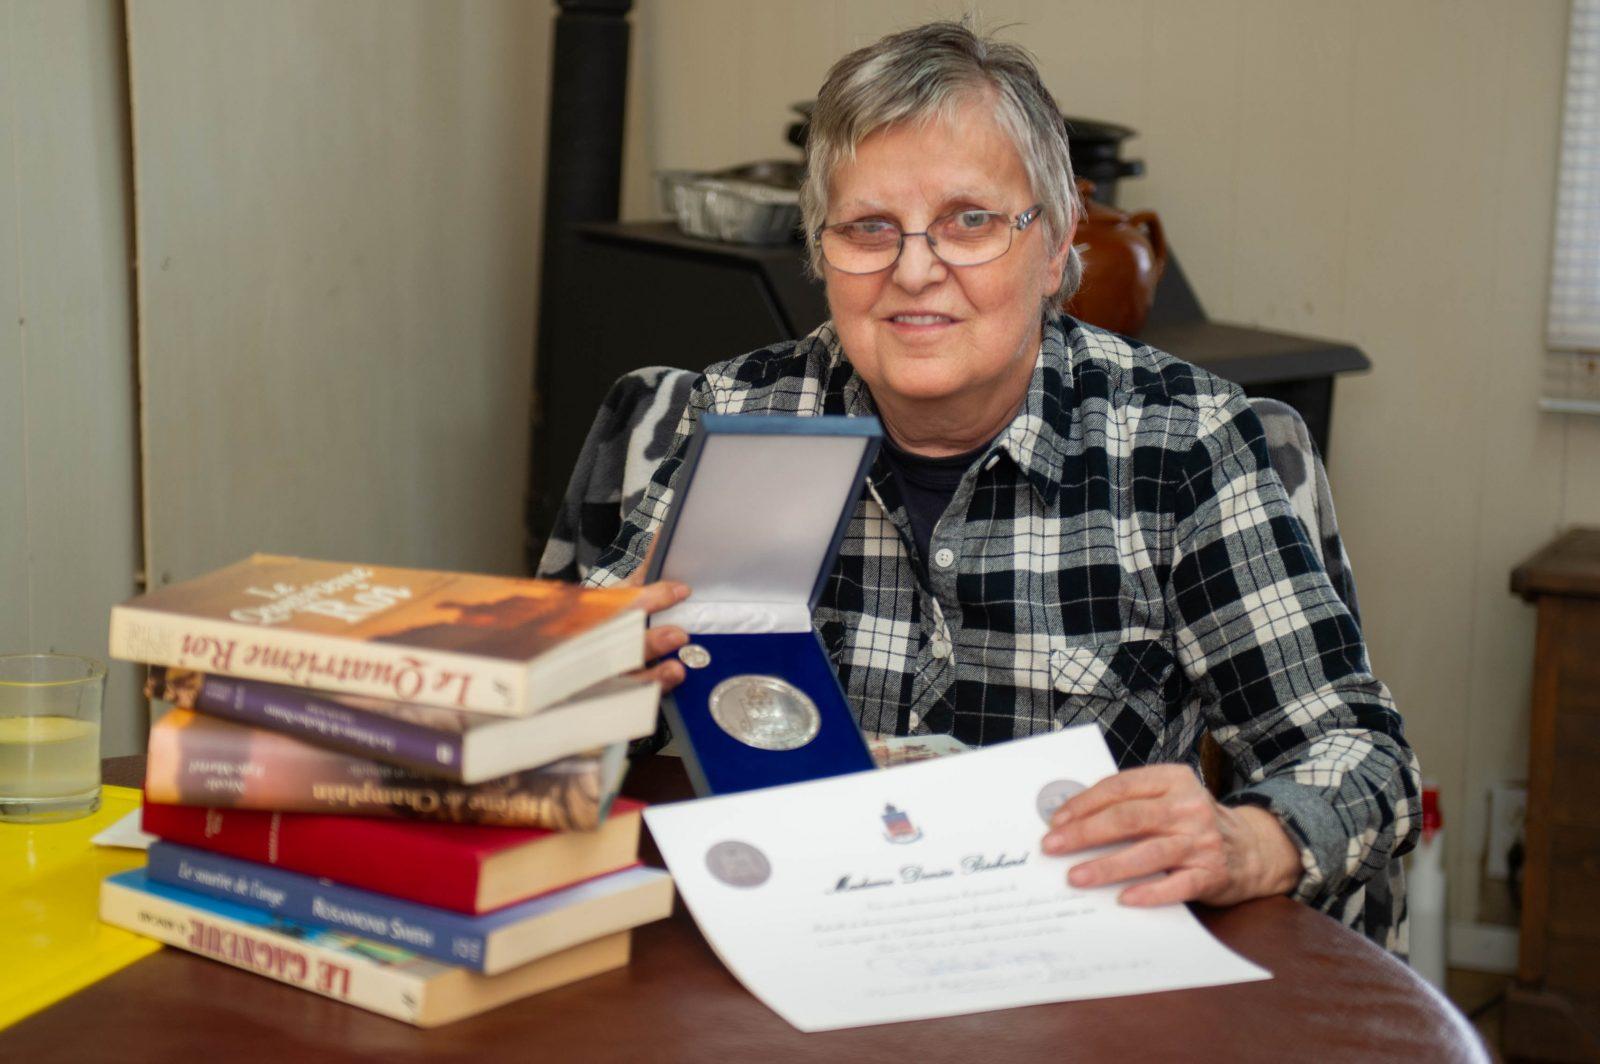 Depuis 35 ans, elle répare les livres endommagés à l'école Saint-Jean